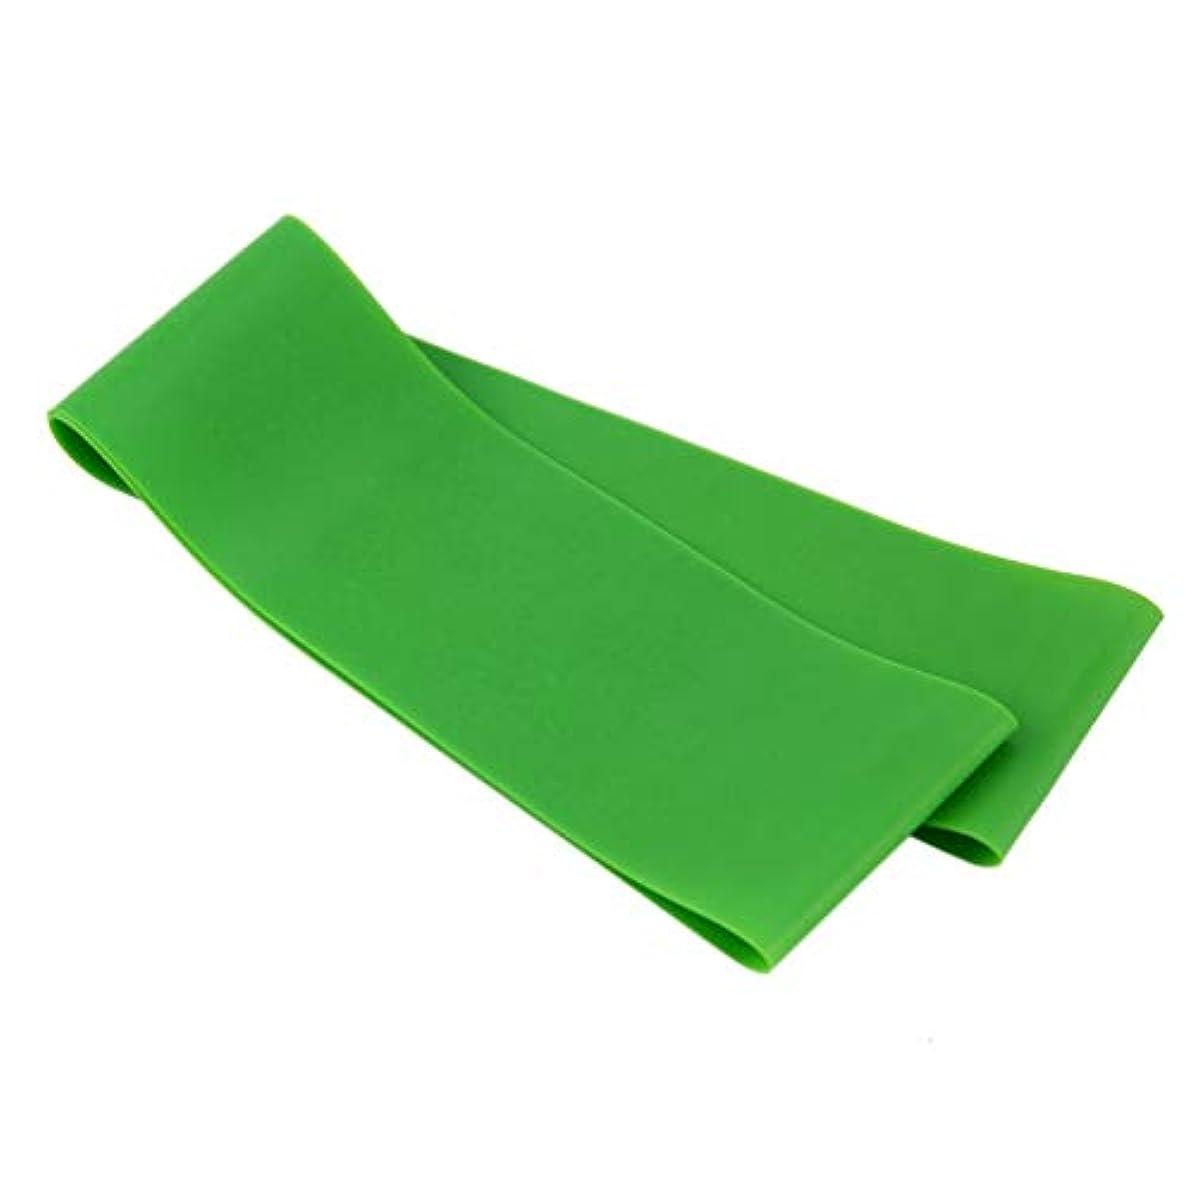 超越する法医学印象滑り止め伸縮性ゴム弾性ヨガベルトバンドプルロープ張力抵抗バンドループ強度のためのフィットネスヨガツール - グリーン